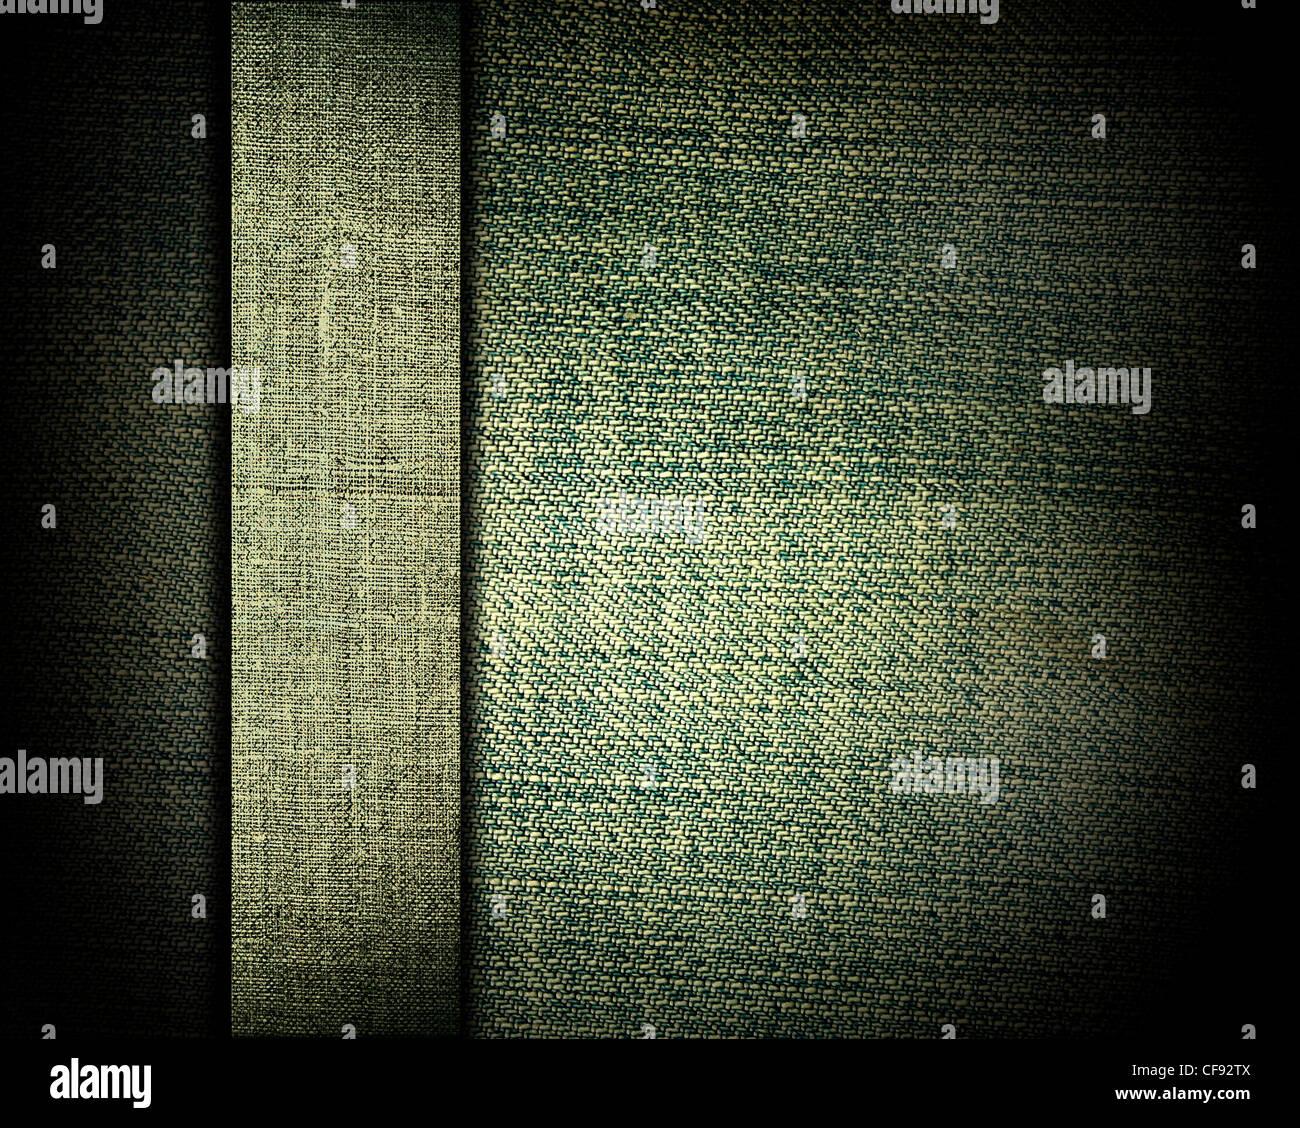 Green Grunge Abstract Website Wallpaper Imágenes De Stock